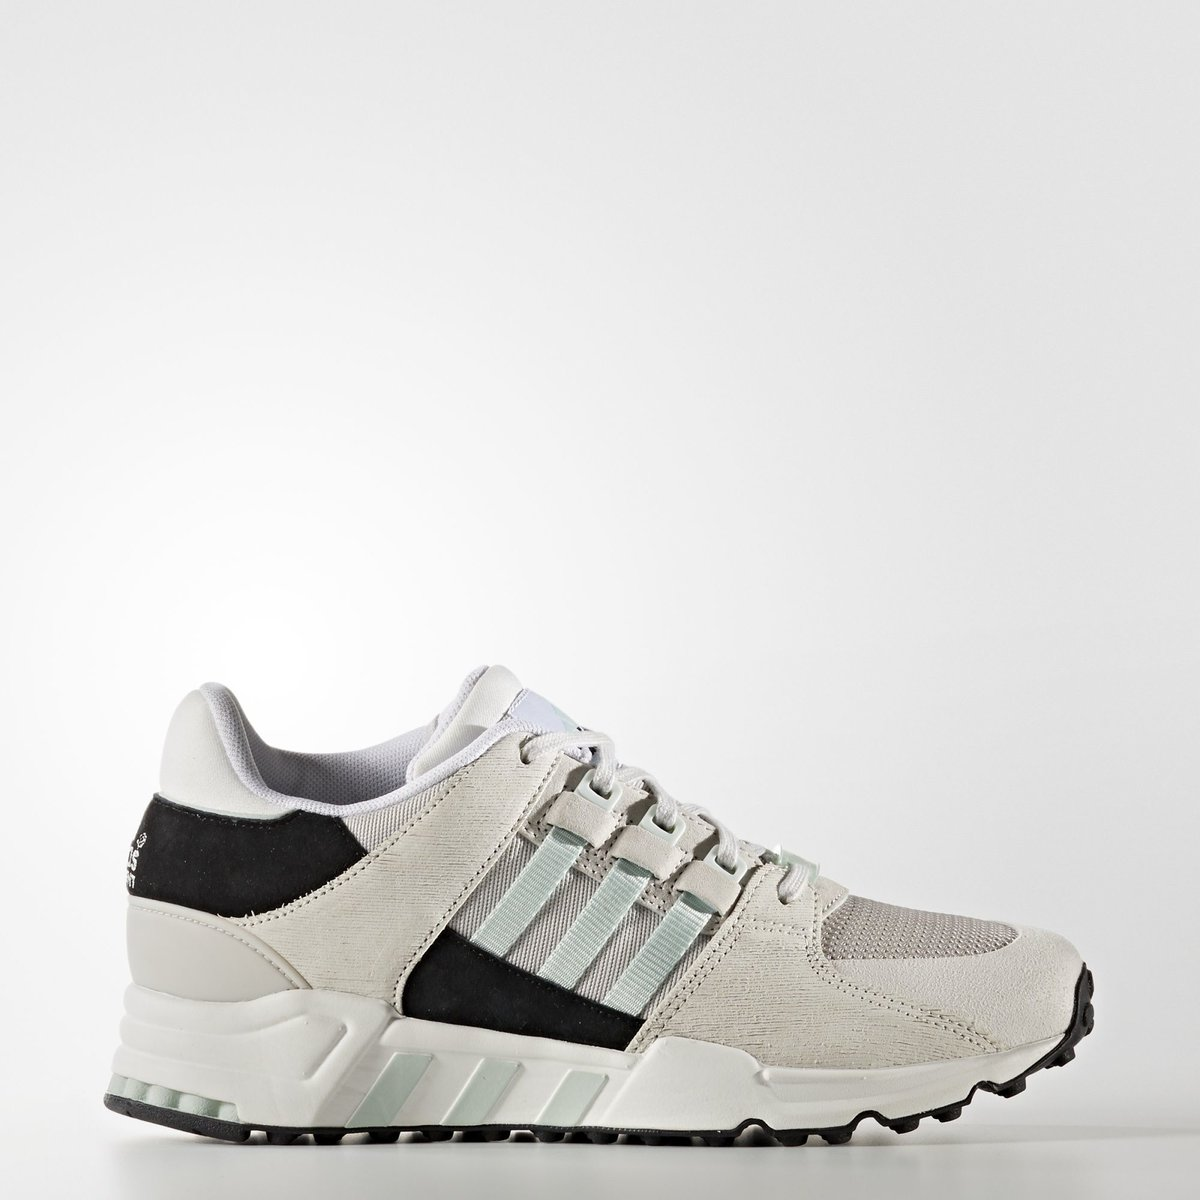 8f02c8d9ac8a Кроссовки Adidas Equipment в Кемерове. Кроссовки adidas equipment Купить со  скидкой -50% ❤